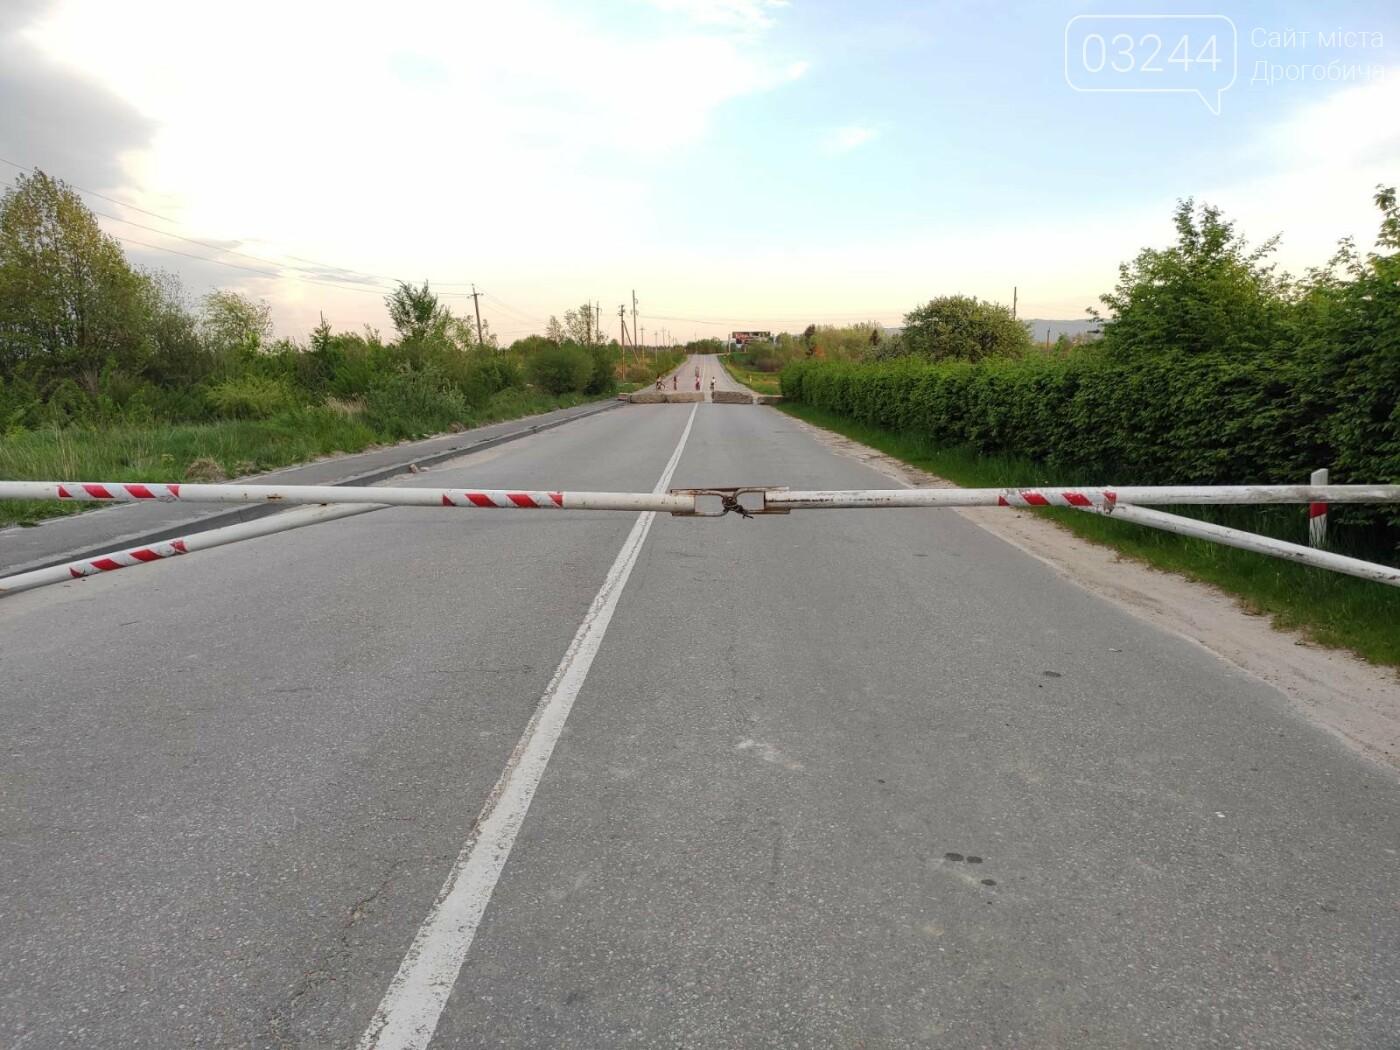 Проїзду немає! На дорозі Дрогобич - Трускавець закрили шлагбаум, - ФОТО, фото-3